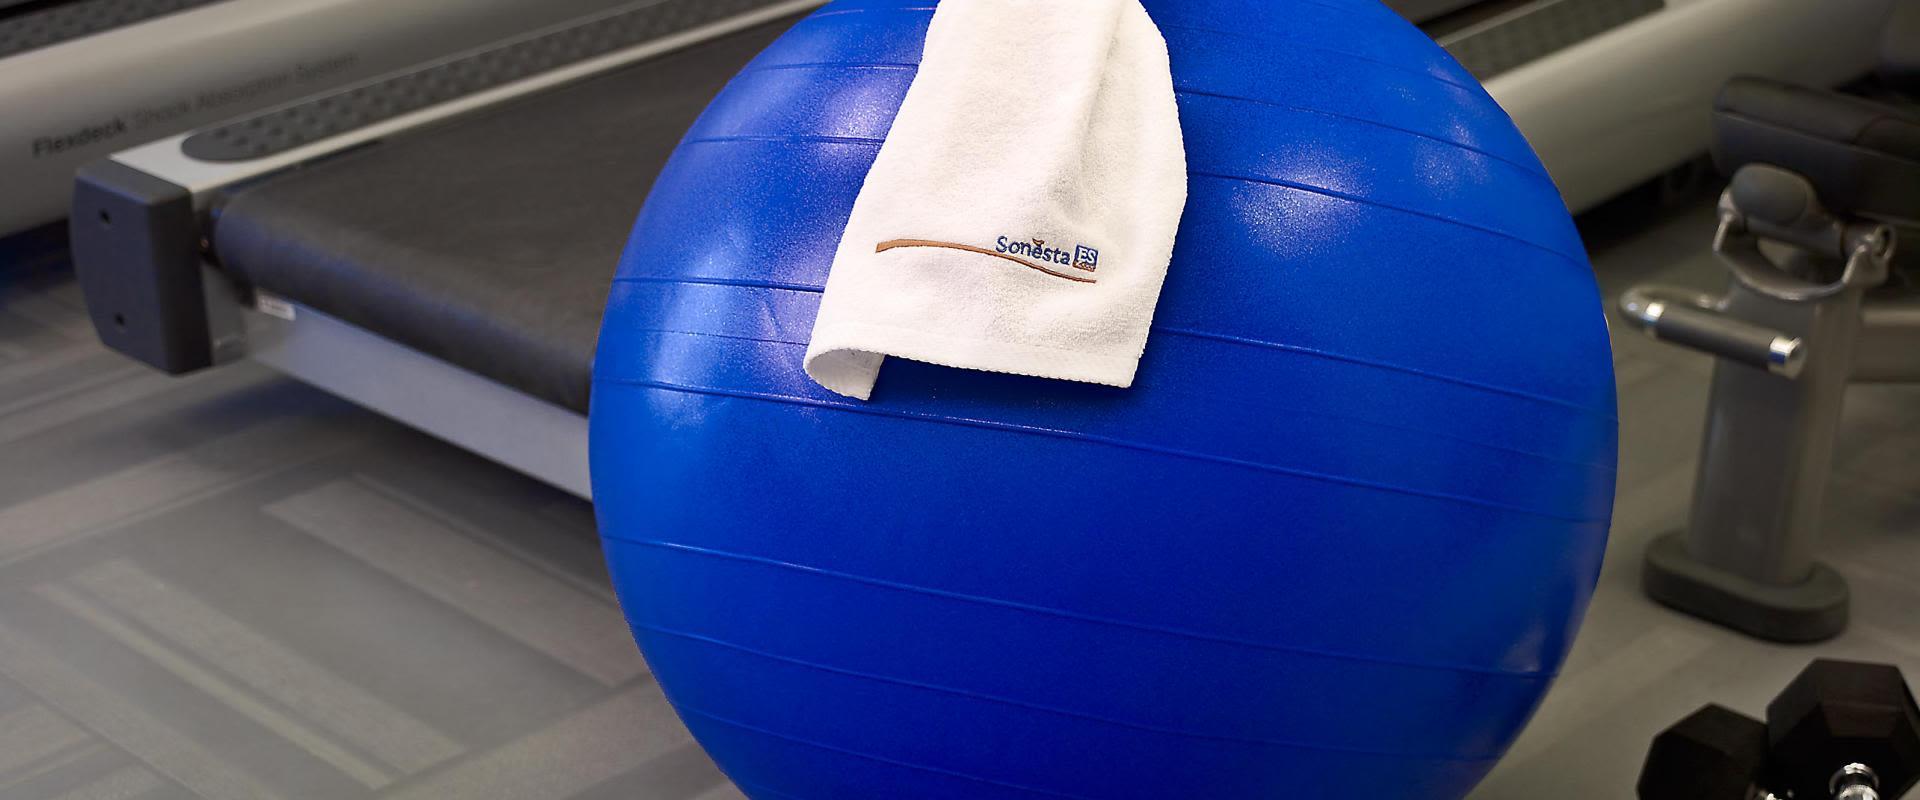 The Mat - Fitness Ball